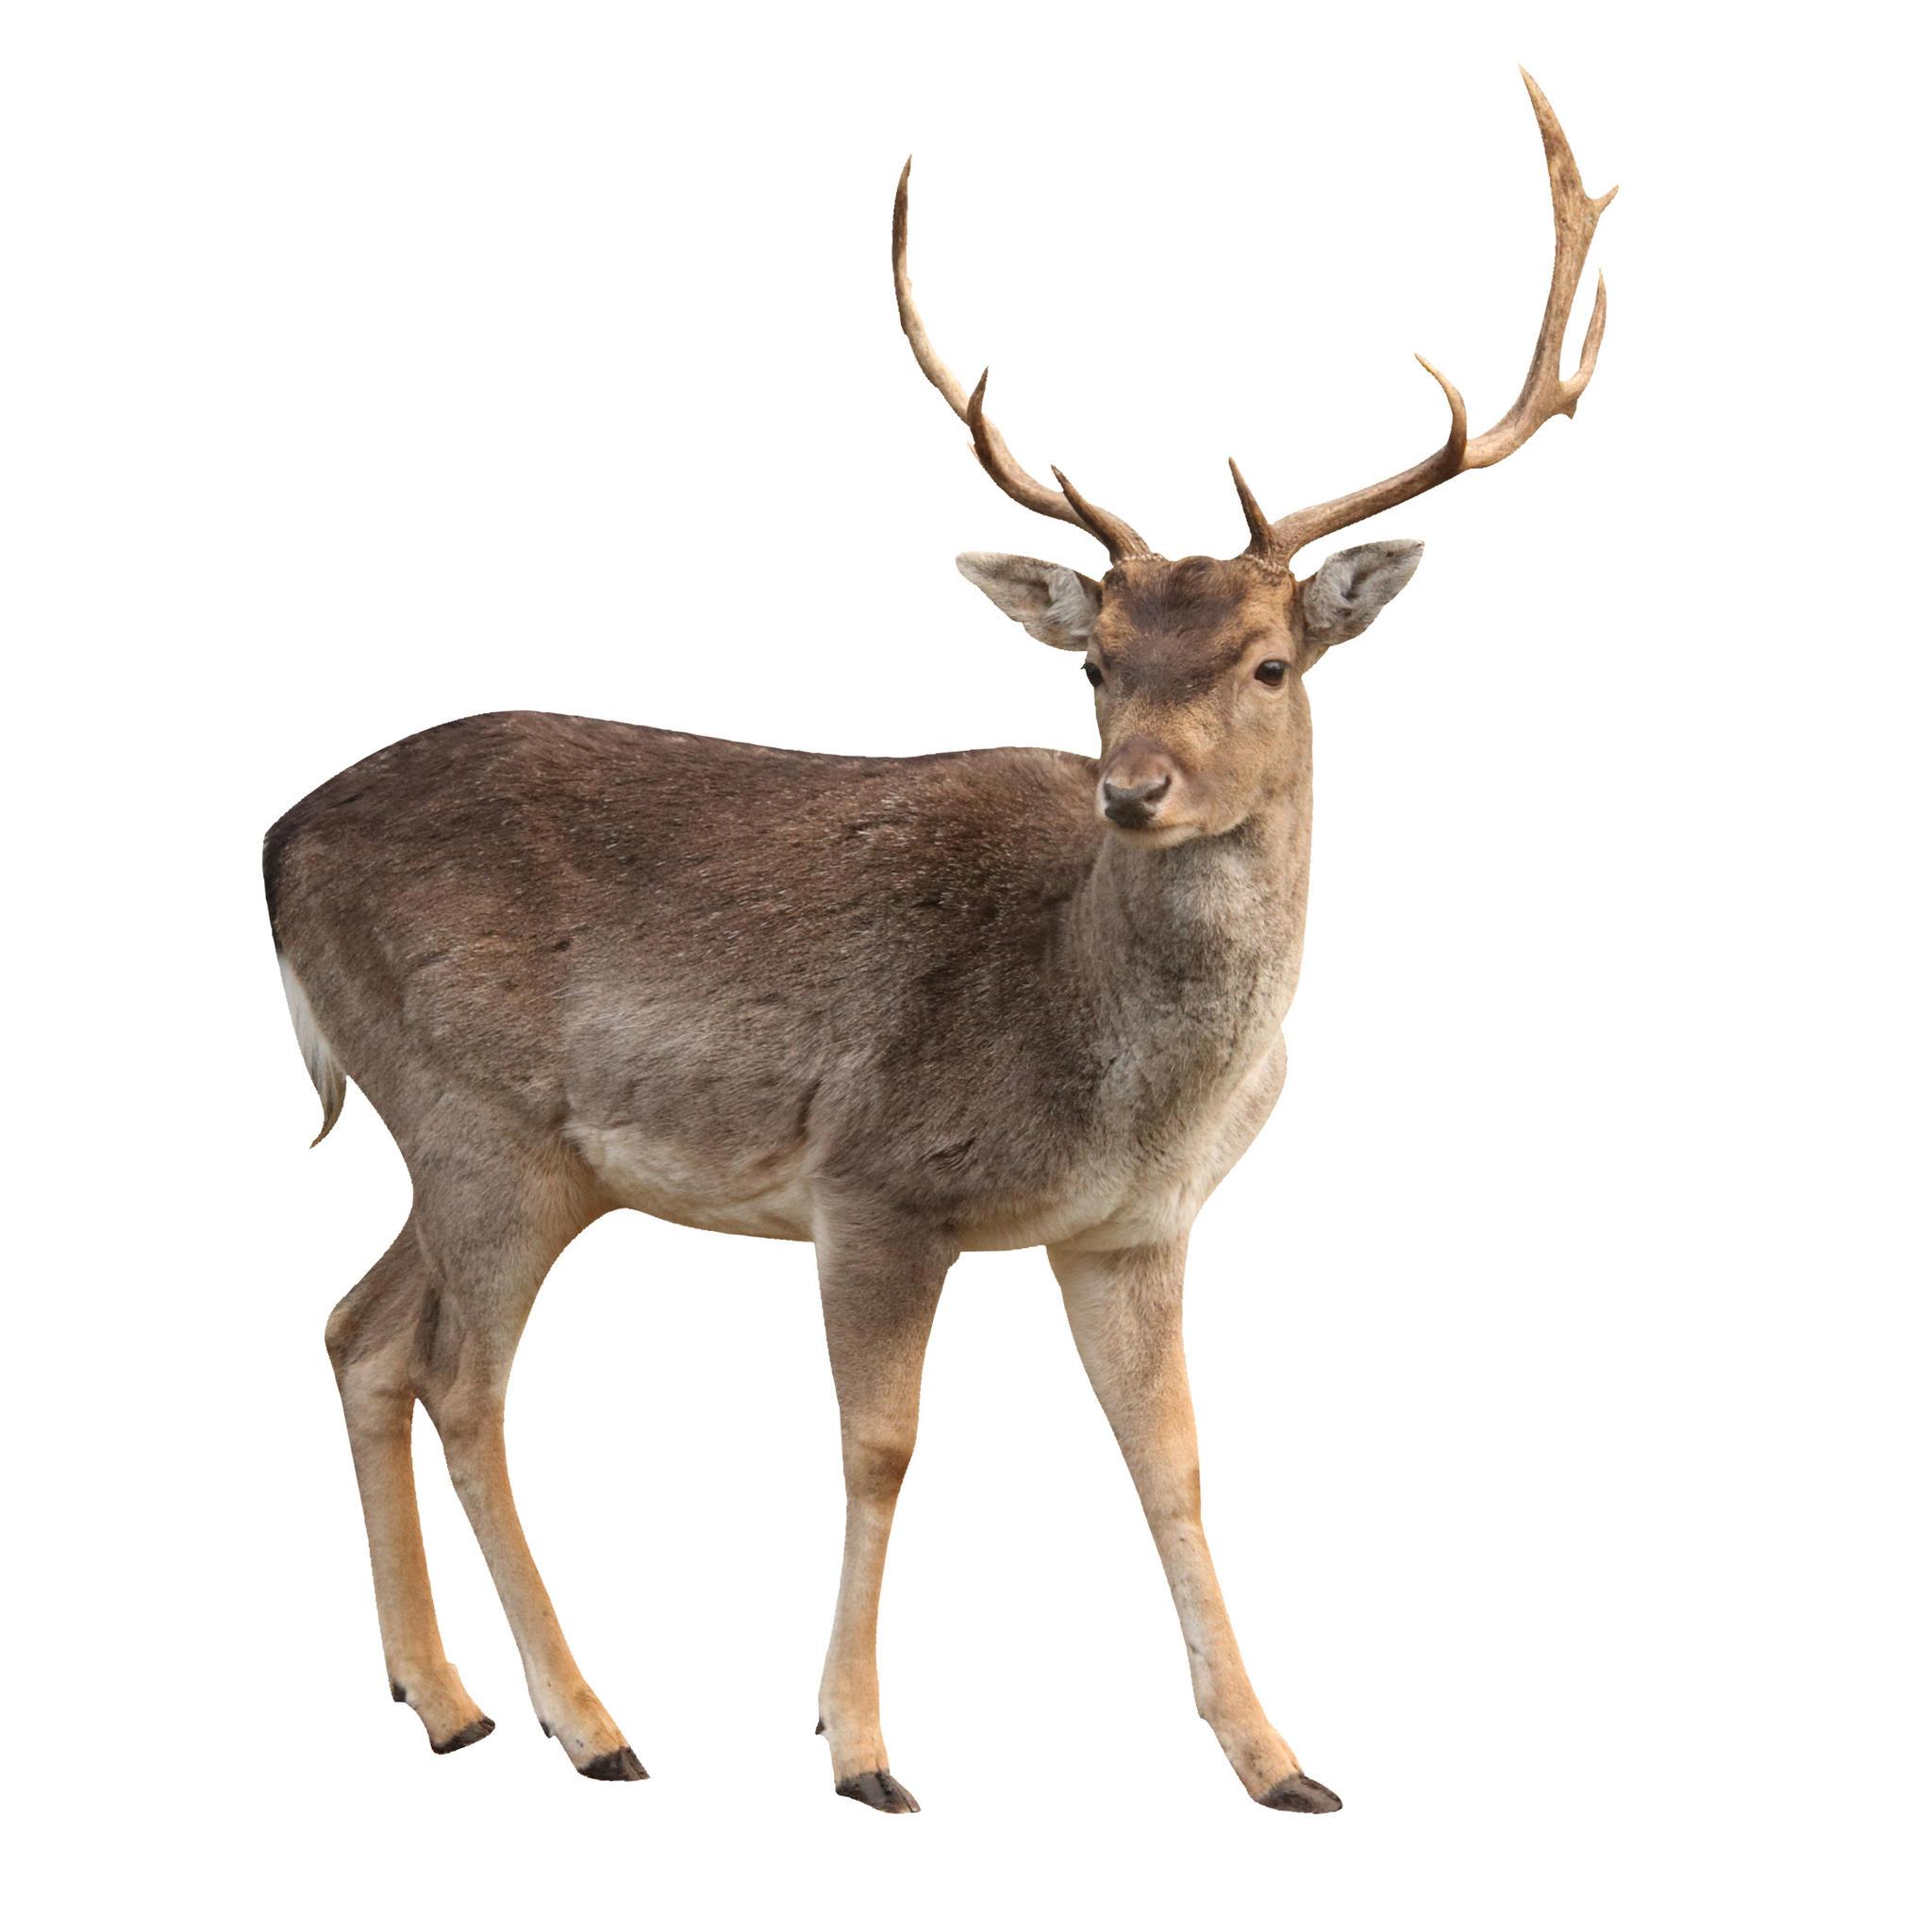 Deer Png image #32762 - Deer PNG